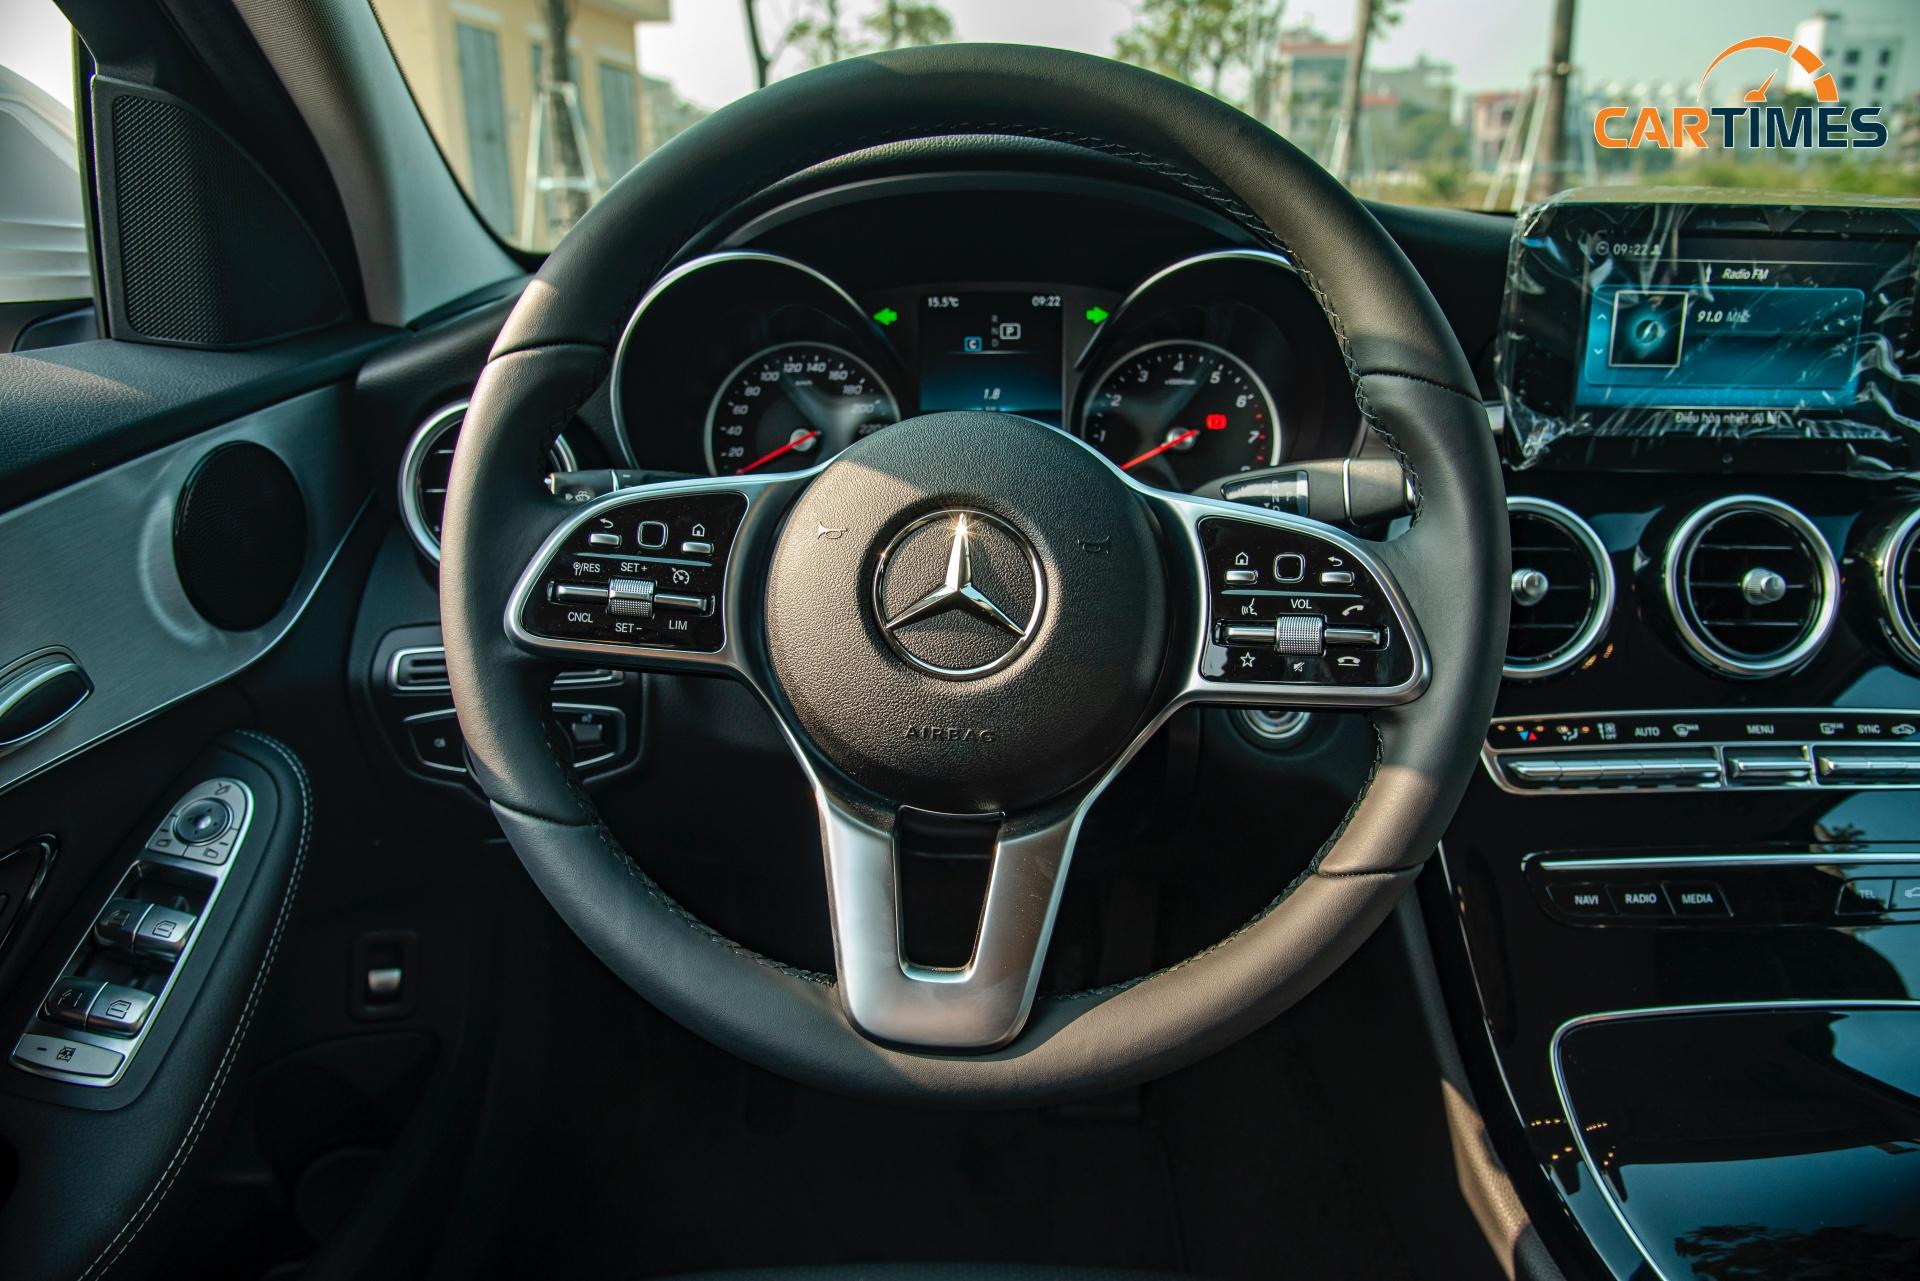 Còn mới tinh tươm, ODO chưa qua 50 km, Mercedes-Benz C 180 2020 đã được rao bán trên thị trường xe cũ -7